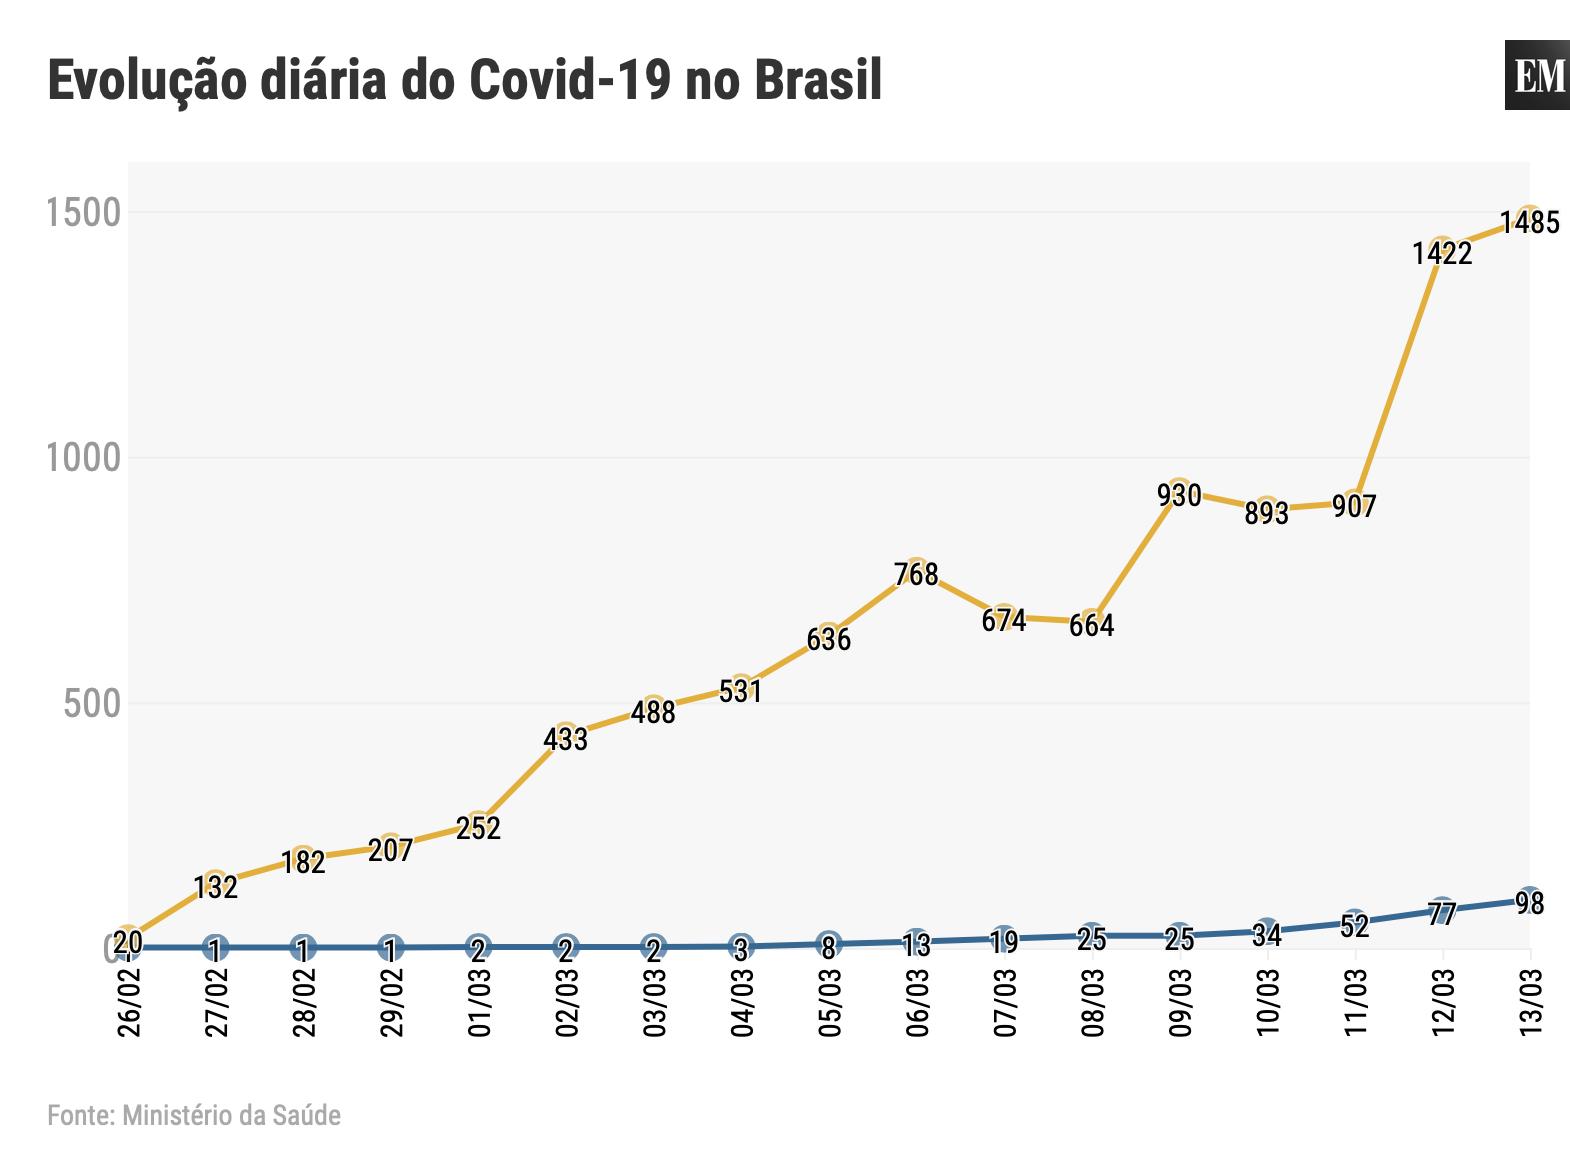 Gráfico Evolução Coronavírus no Brasil. Reprodução EM